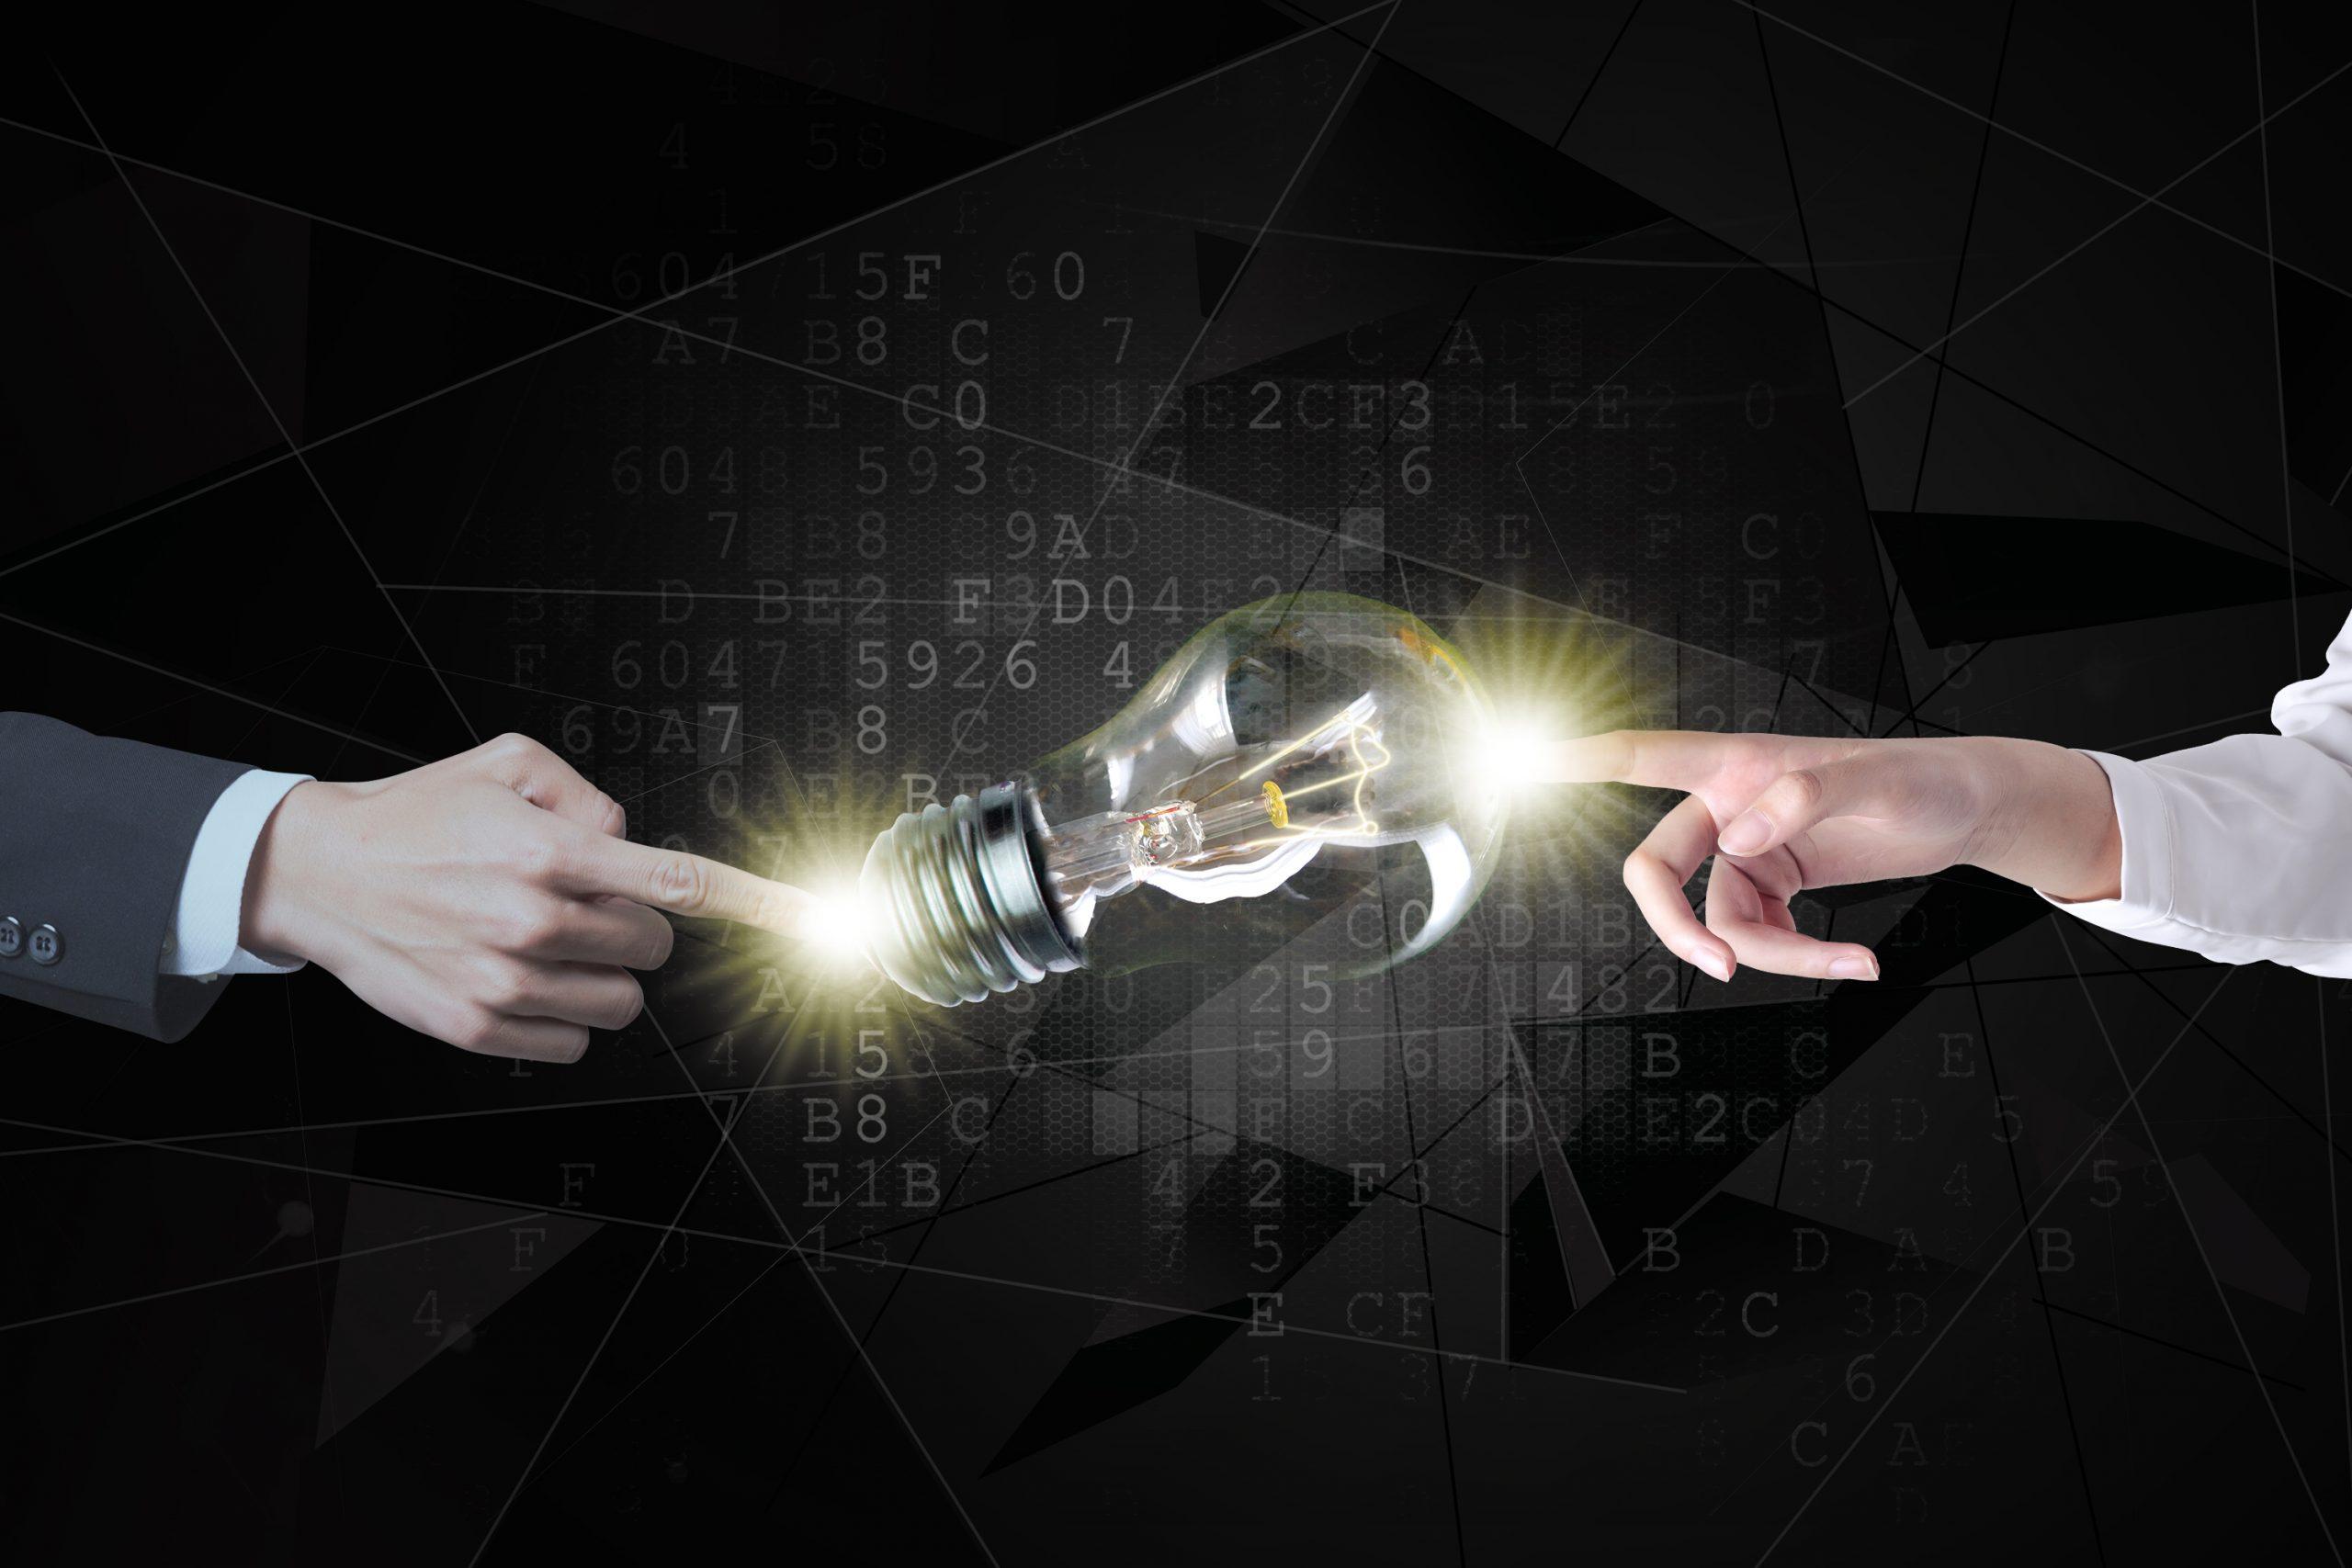 数字能量学可信吗?数字能量学有科学依据吗?